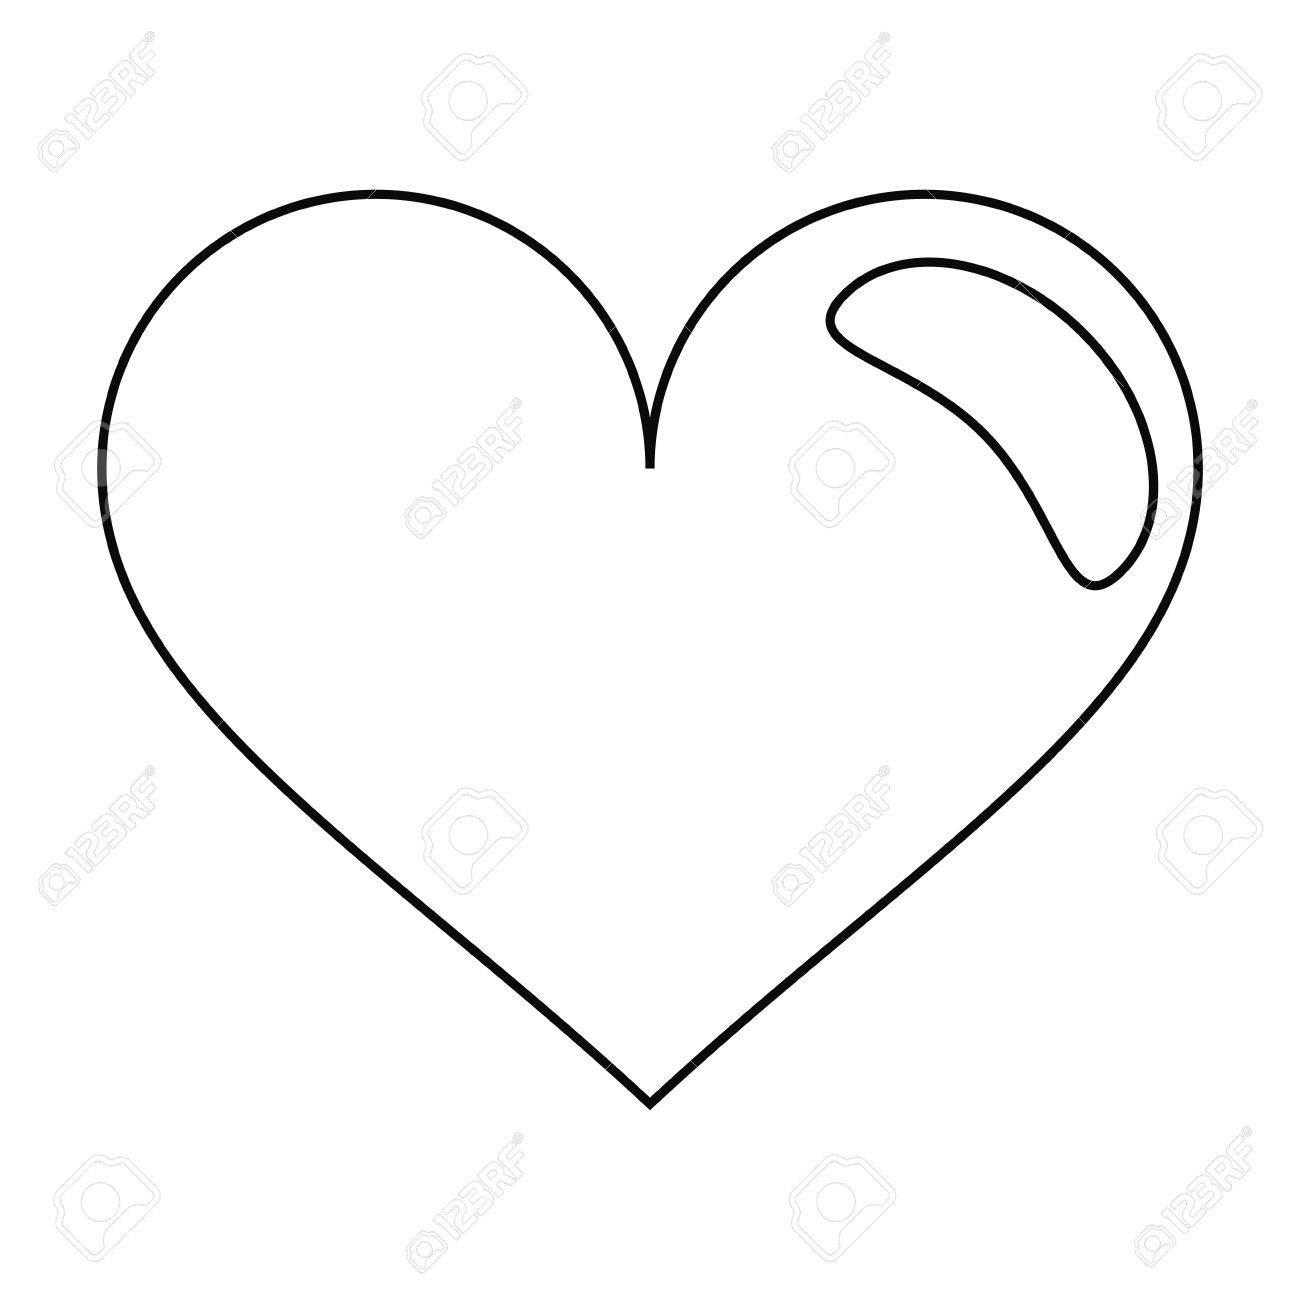 heart love romantic symbol outline vector illustration eps 10 rh 123rf com heart outline vector file red heart vector outline